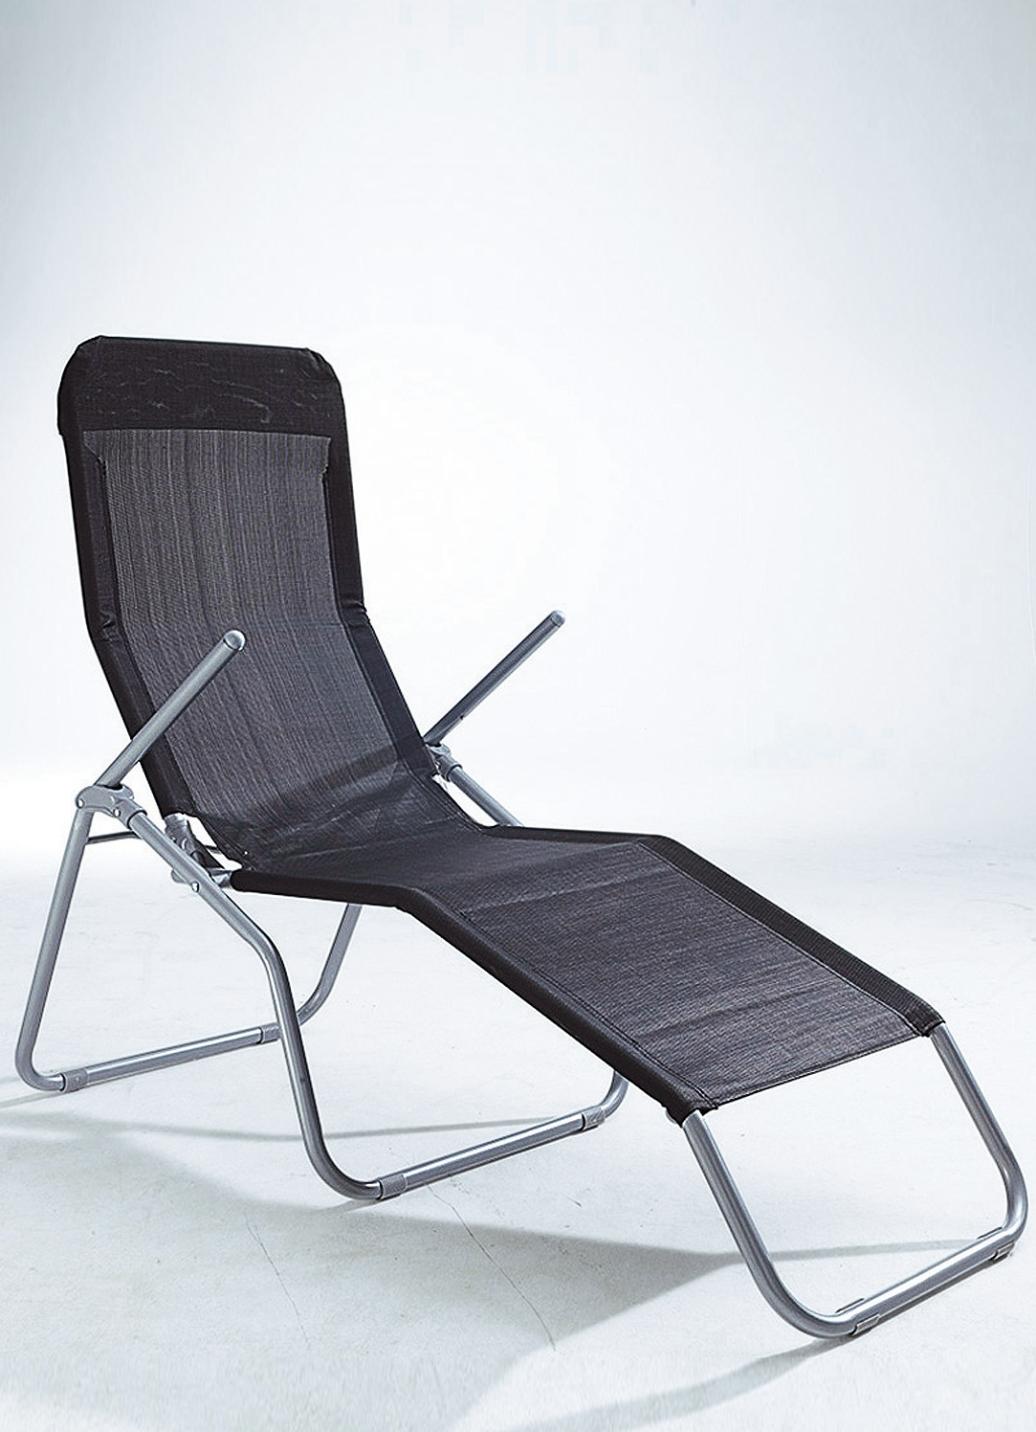 xxl wellness liege in 2 farben gartenm bel brigitte hachenburg. Black Bedroom Furniture Sets. Home Design Ideas